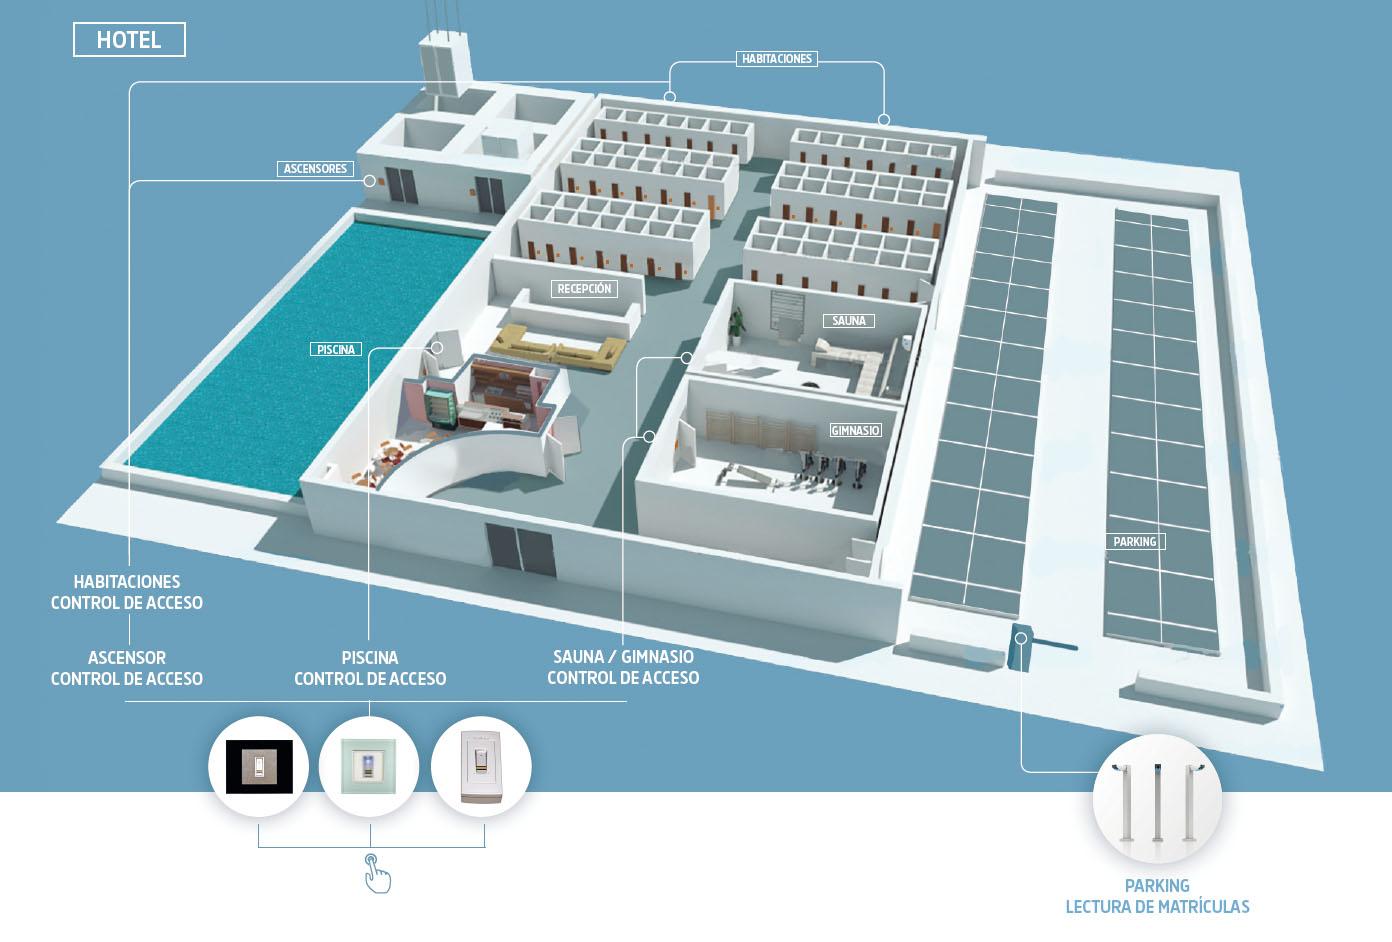 Diagrama de hotel con visualización de la implantación de un control de accesos